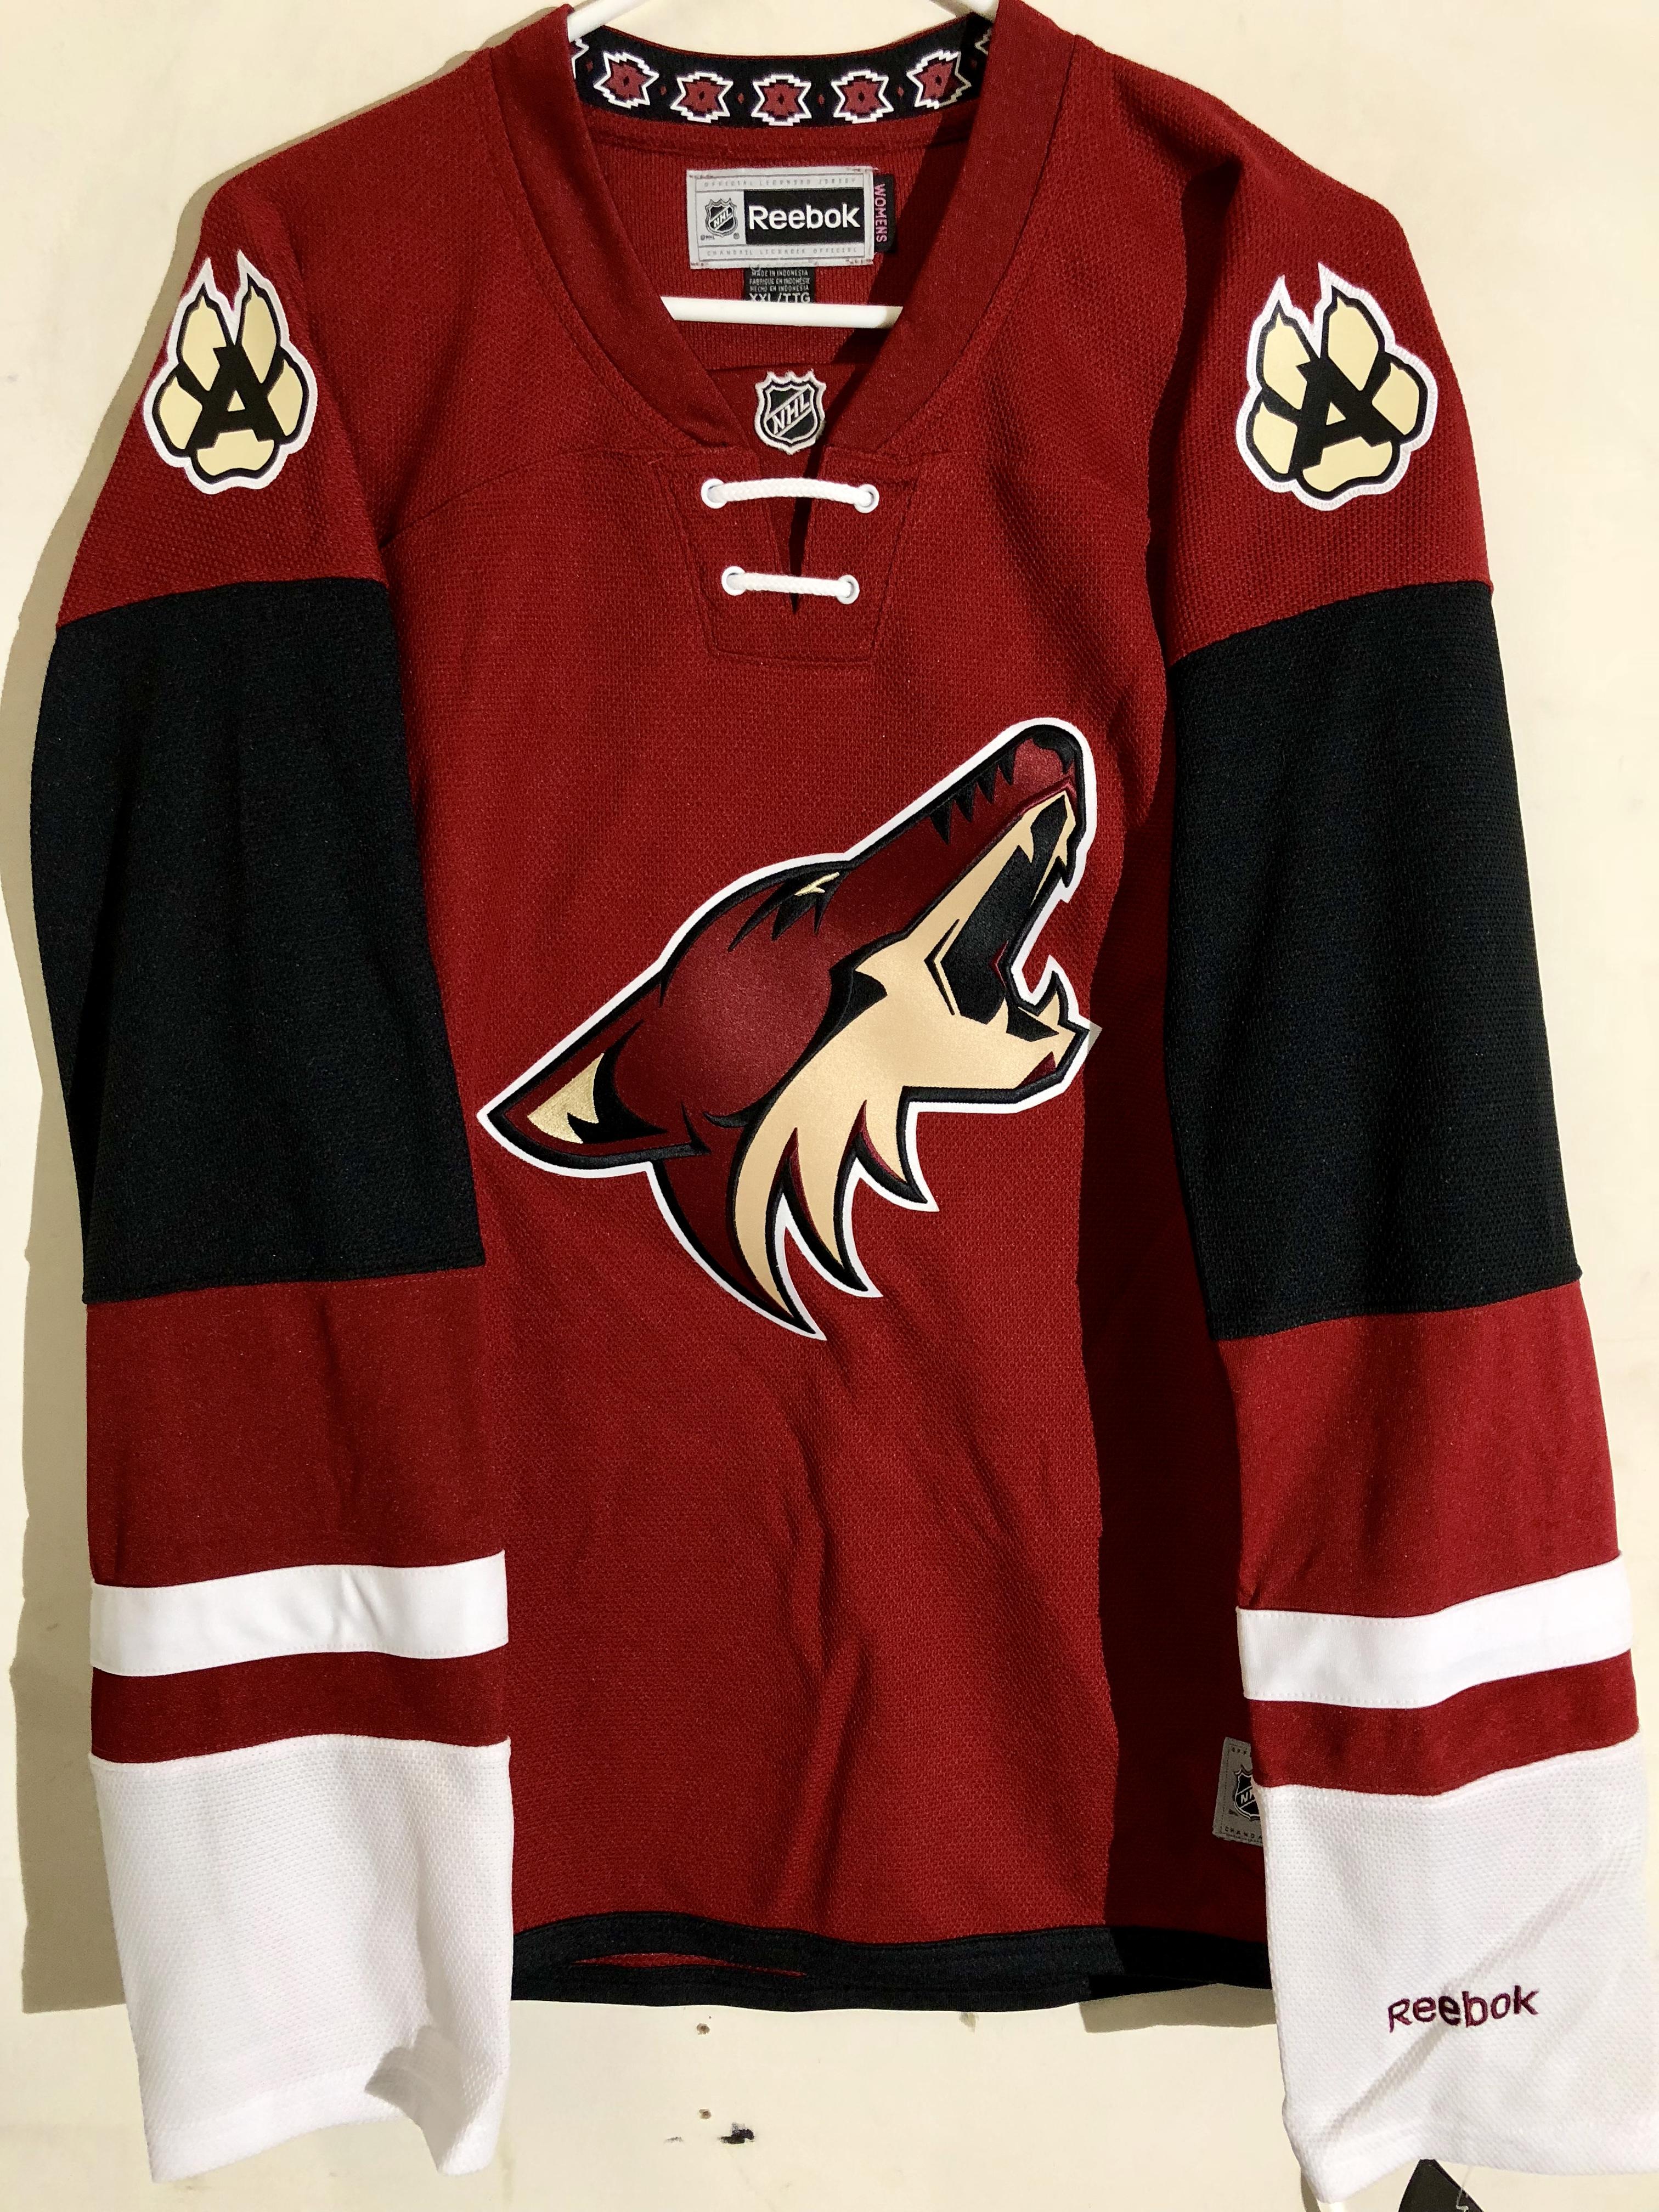 535d99094d3 Details about Reebok Women s Premier NHL Jersey Phoenix Coyotes Team  Burgundy Alt sz 2X